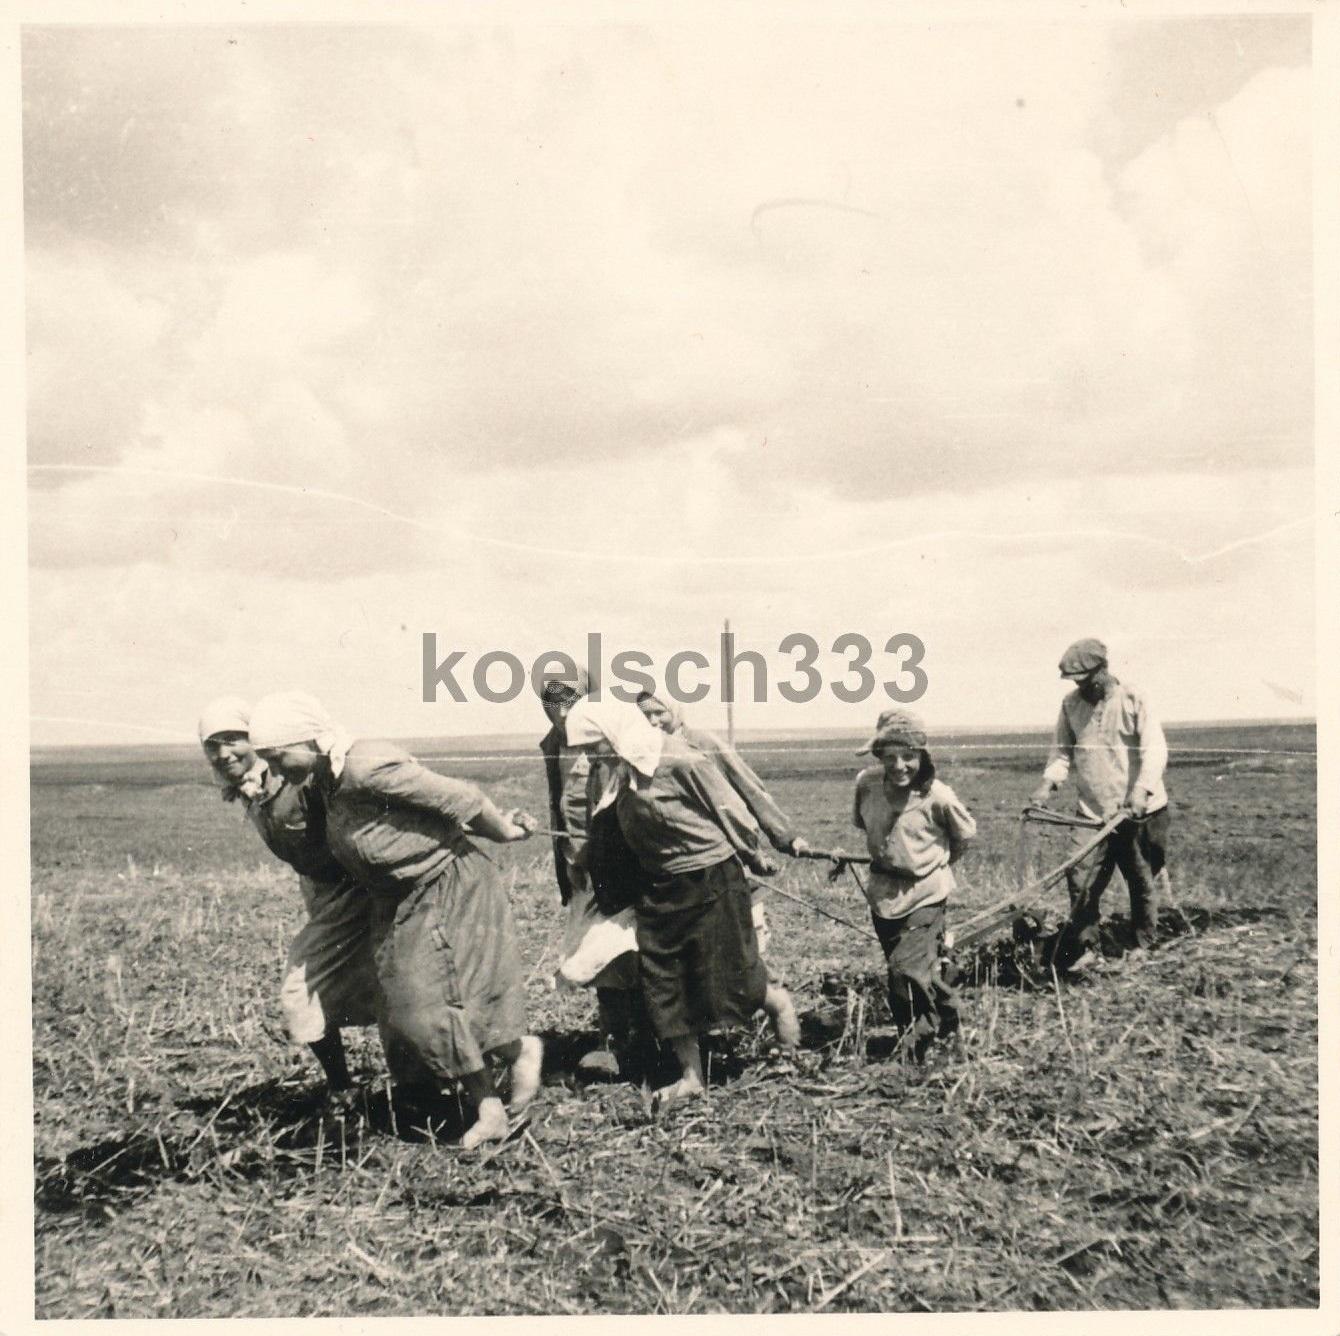 Русские крестьяне на полевых работах. Восточная кампания. Украина - Россия.jpg